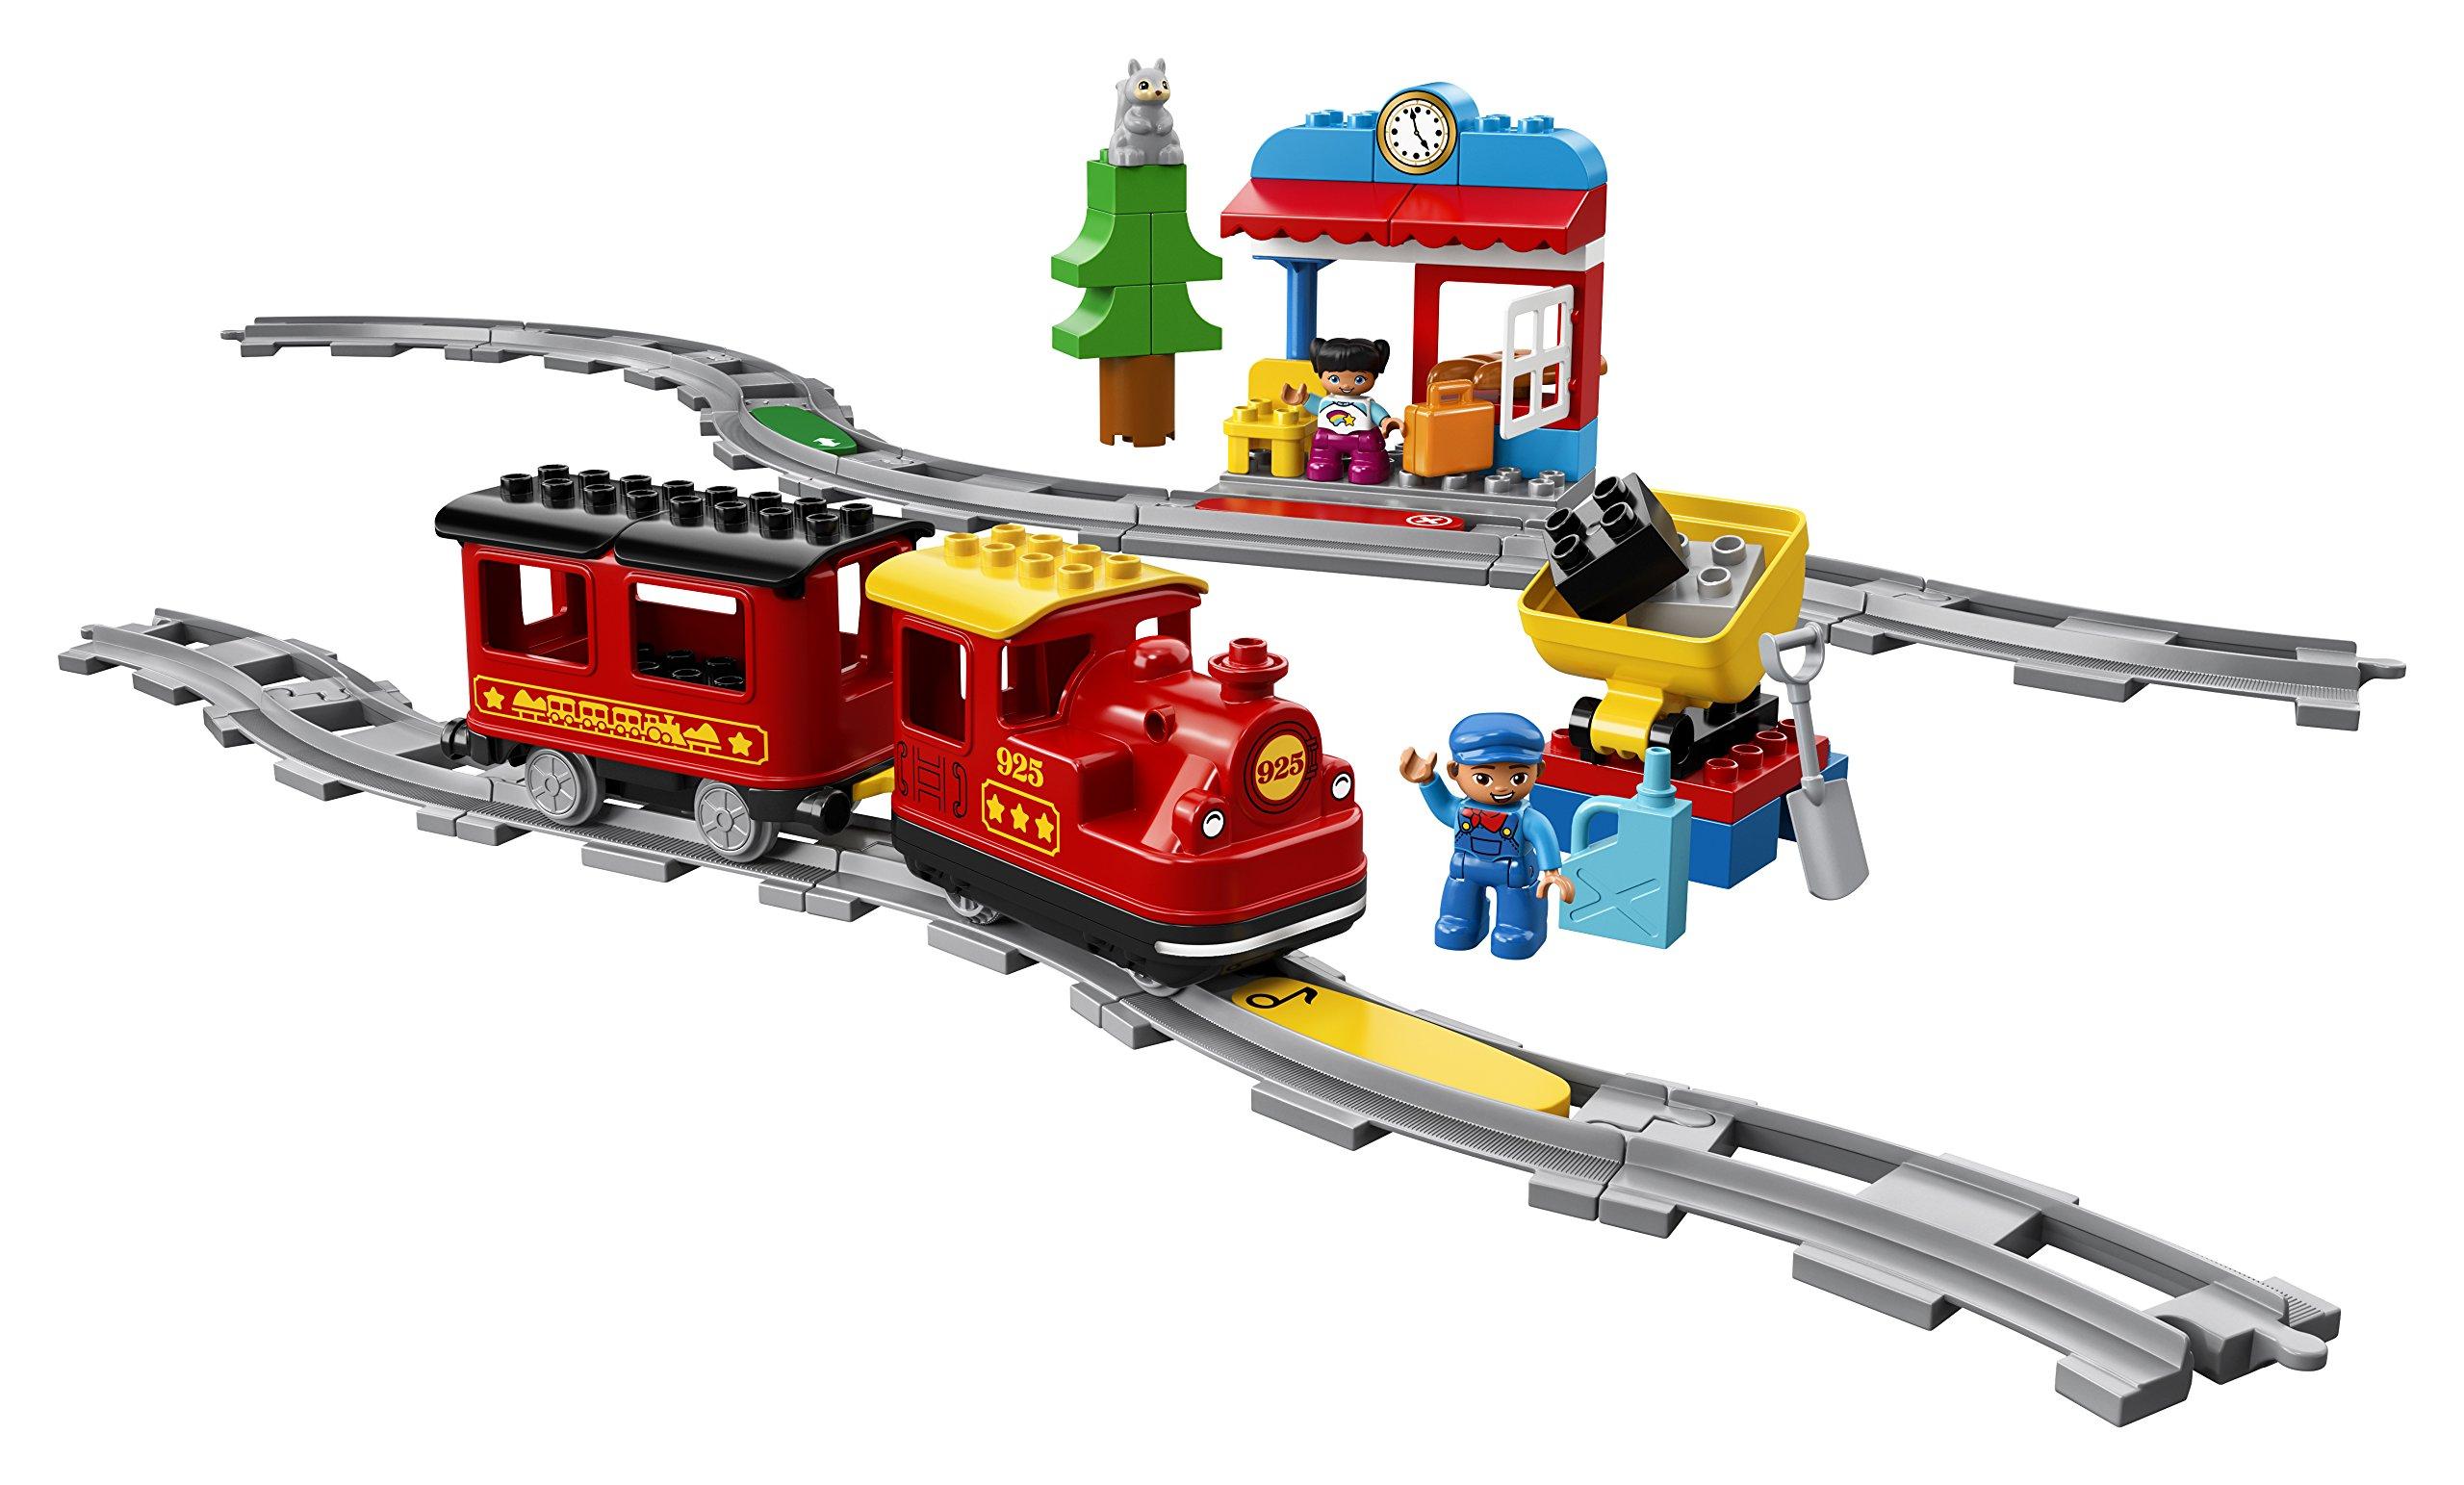 LEGO - DUPLO Treno a Vapore con Locomotiva Push And Go e 5 Mattoncini Multifunzione, Set di Costruzioni per Bambini dai… 5 spesavip